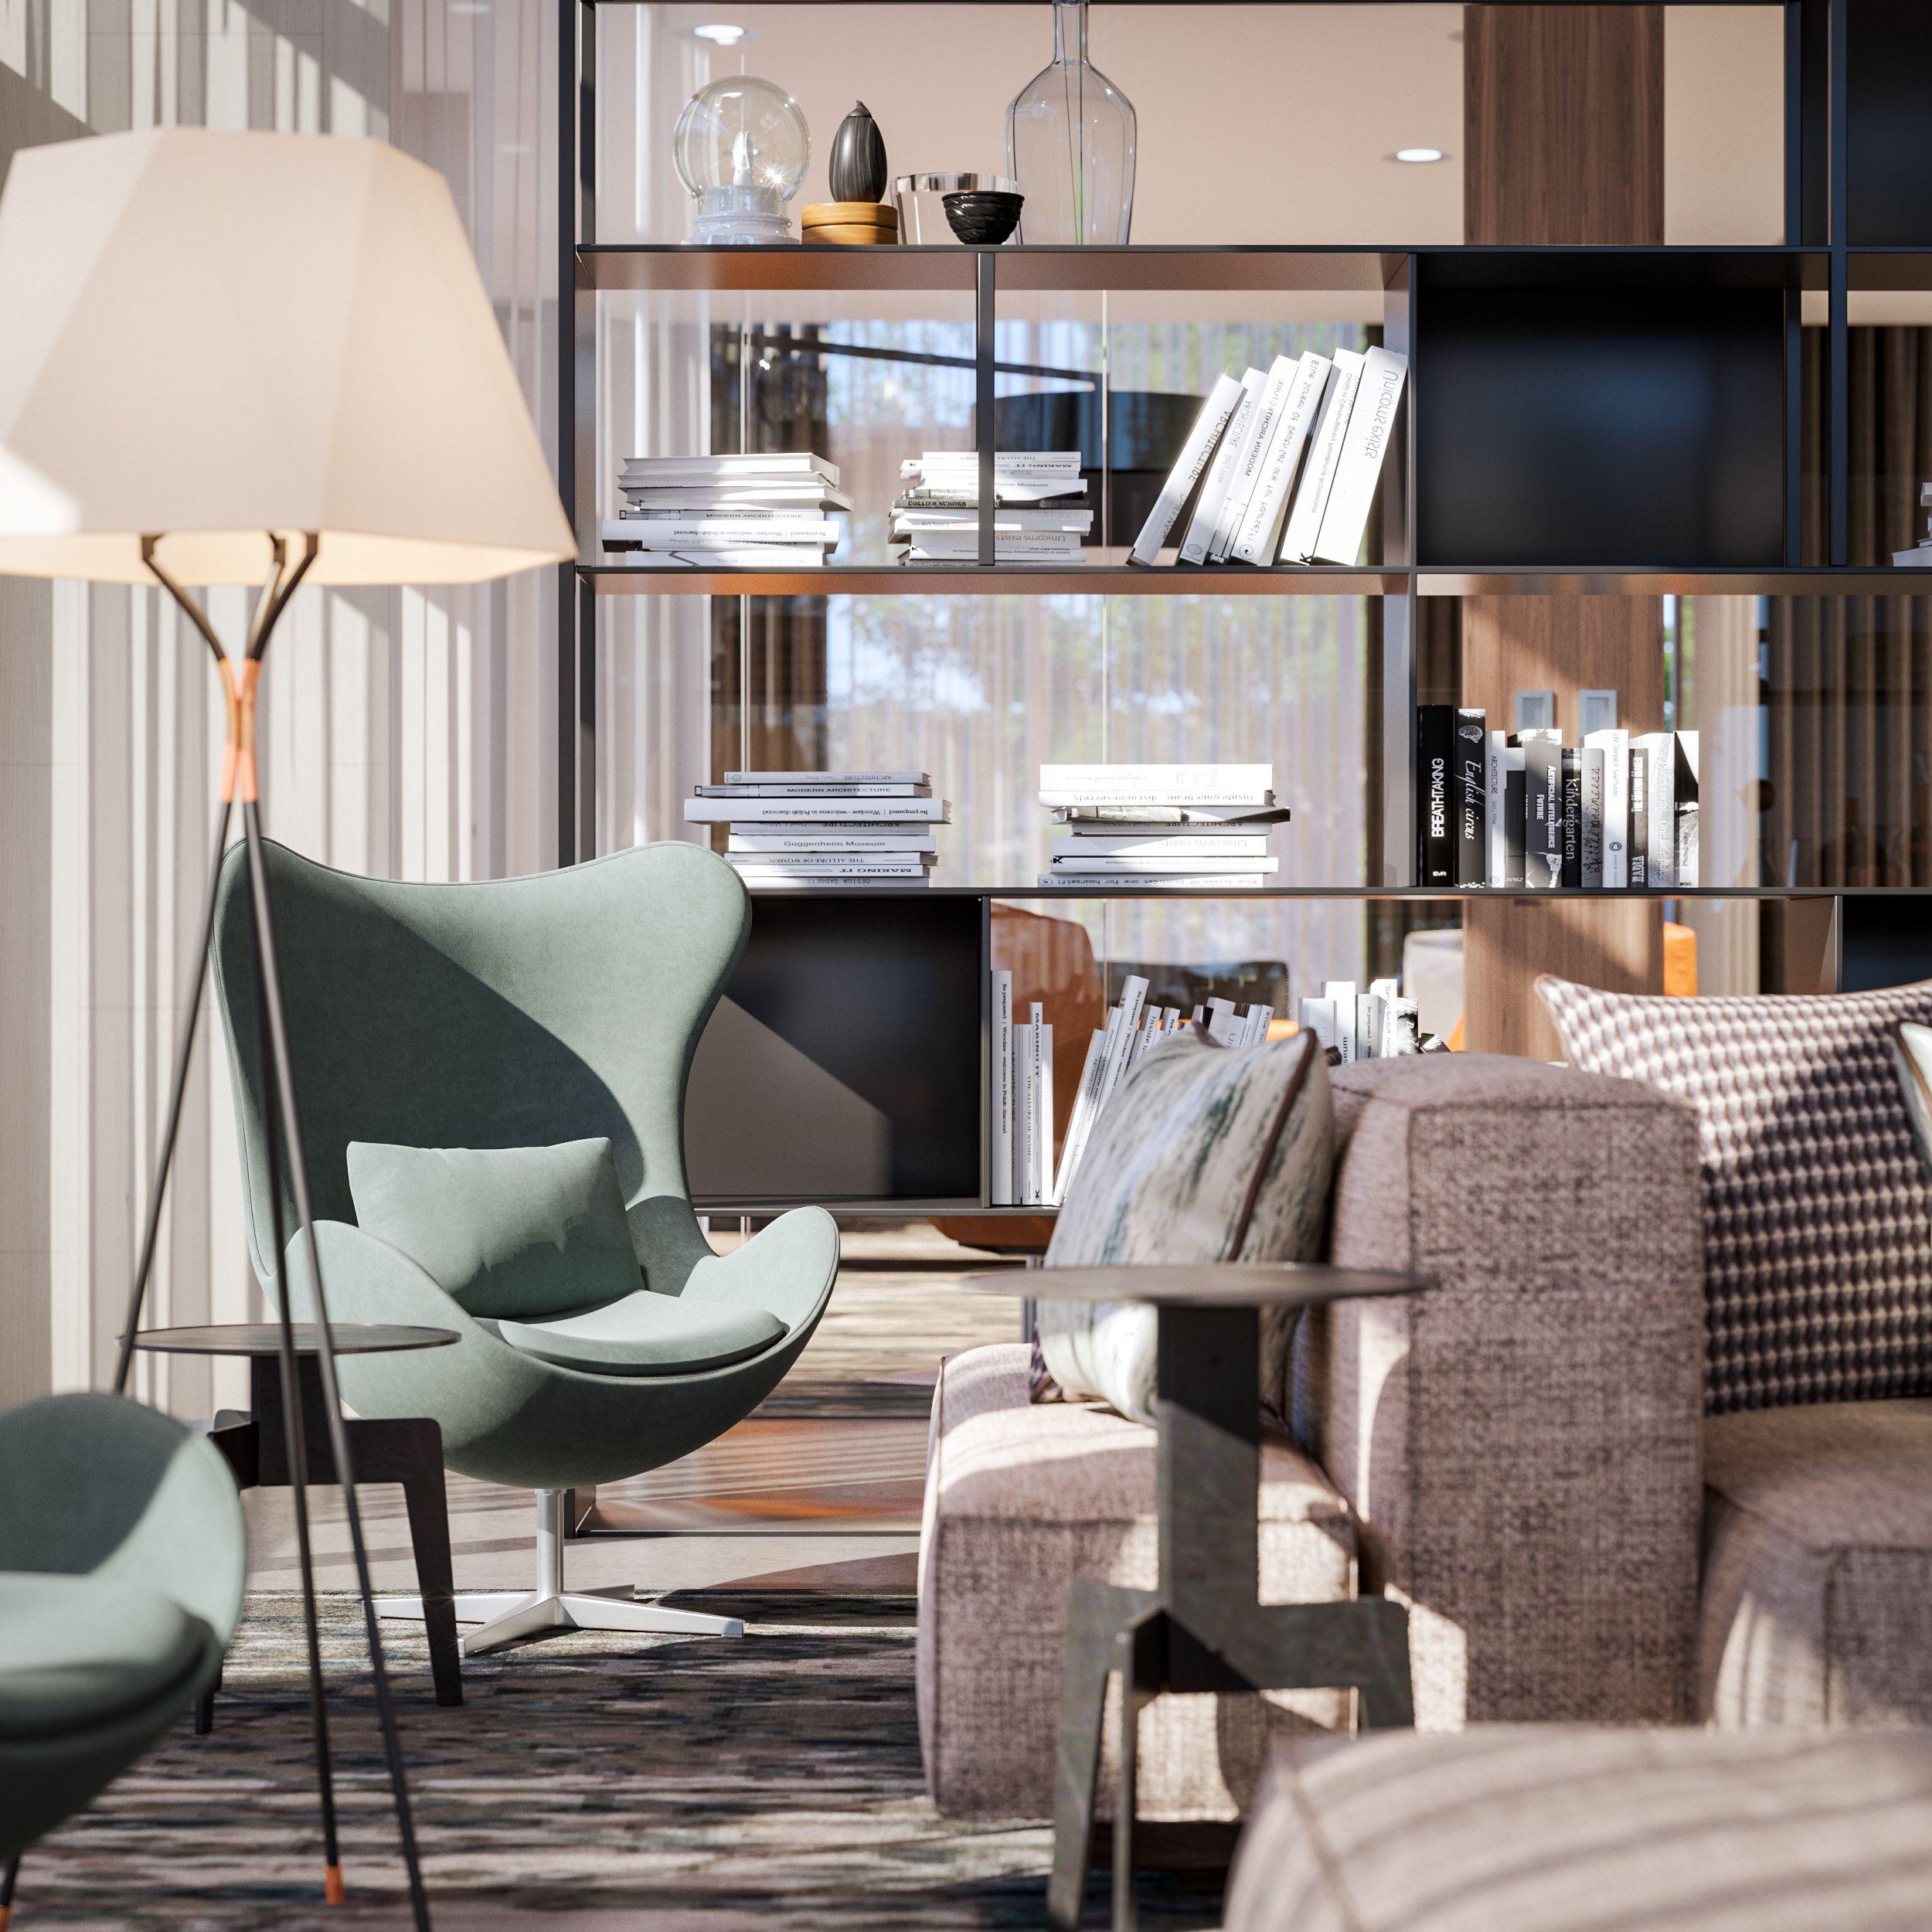 Check Out This Behance Project Ac Marriott Fair Oaks Https Www Behance Net Gallery 49938479 Ac Modern Living Room Interior Living Room Interior Interior